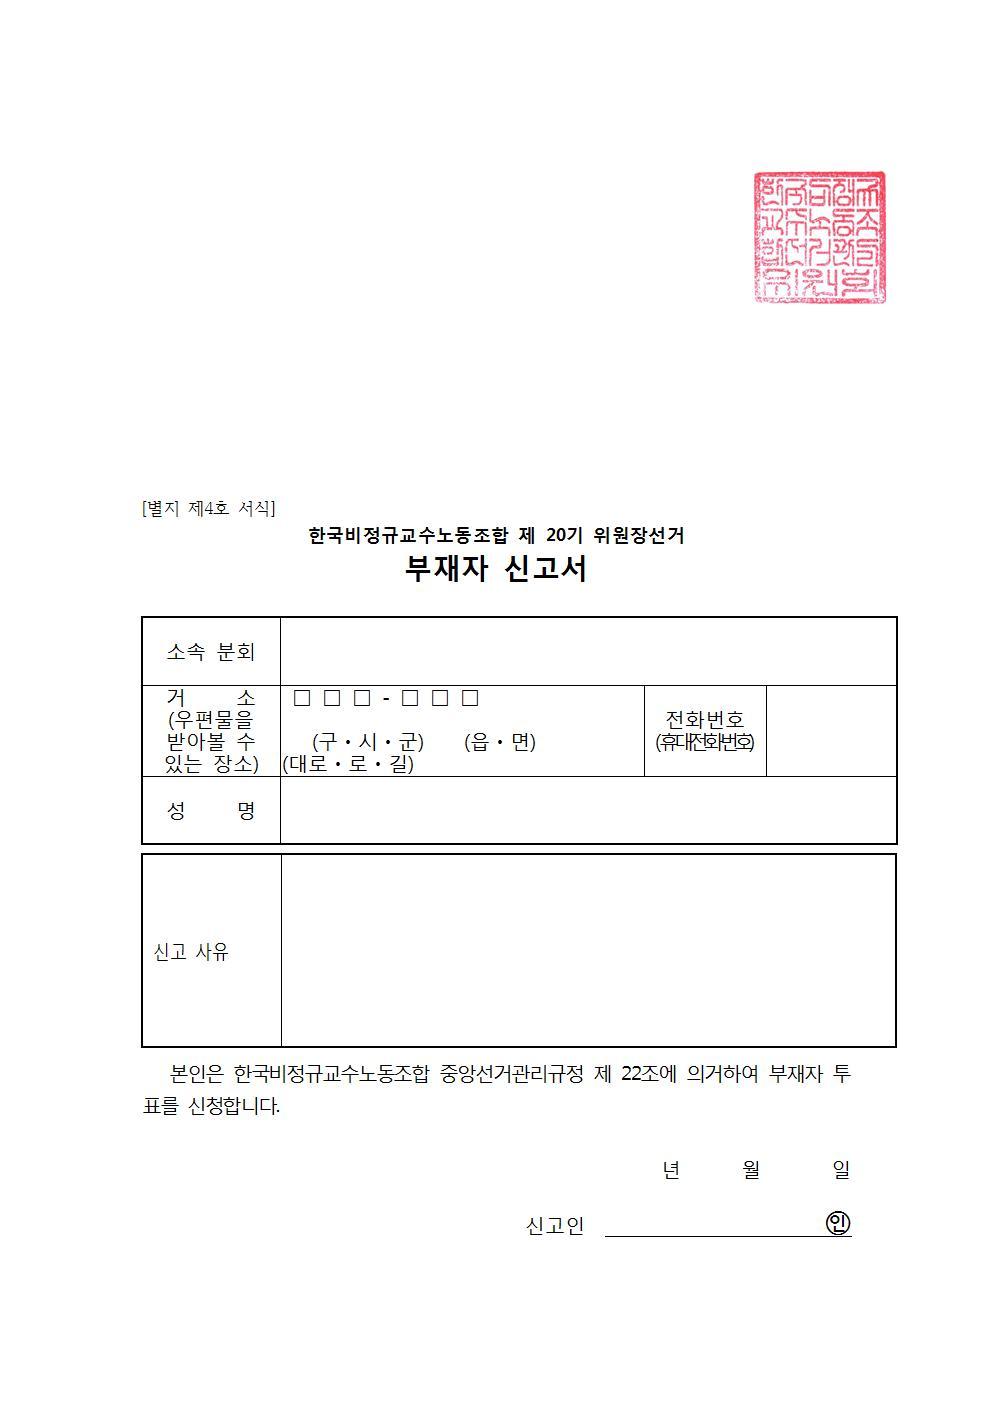 한국비정규교수노동조합 제20기 위원장 선거 jpg004.jpg